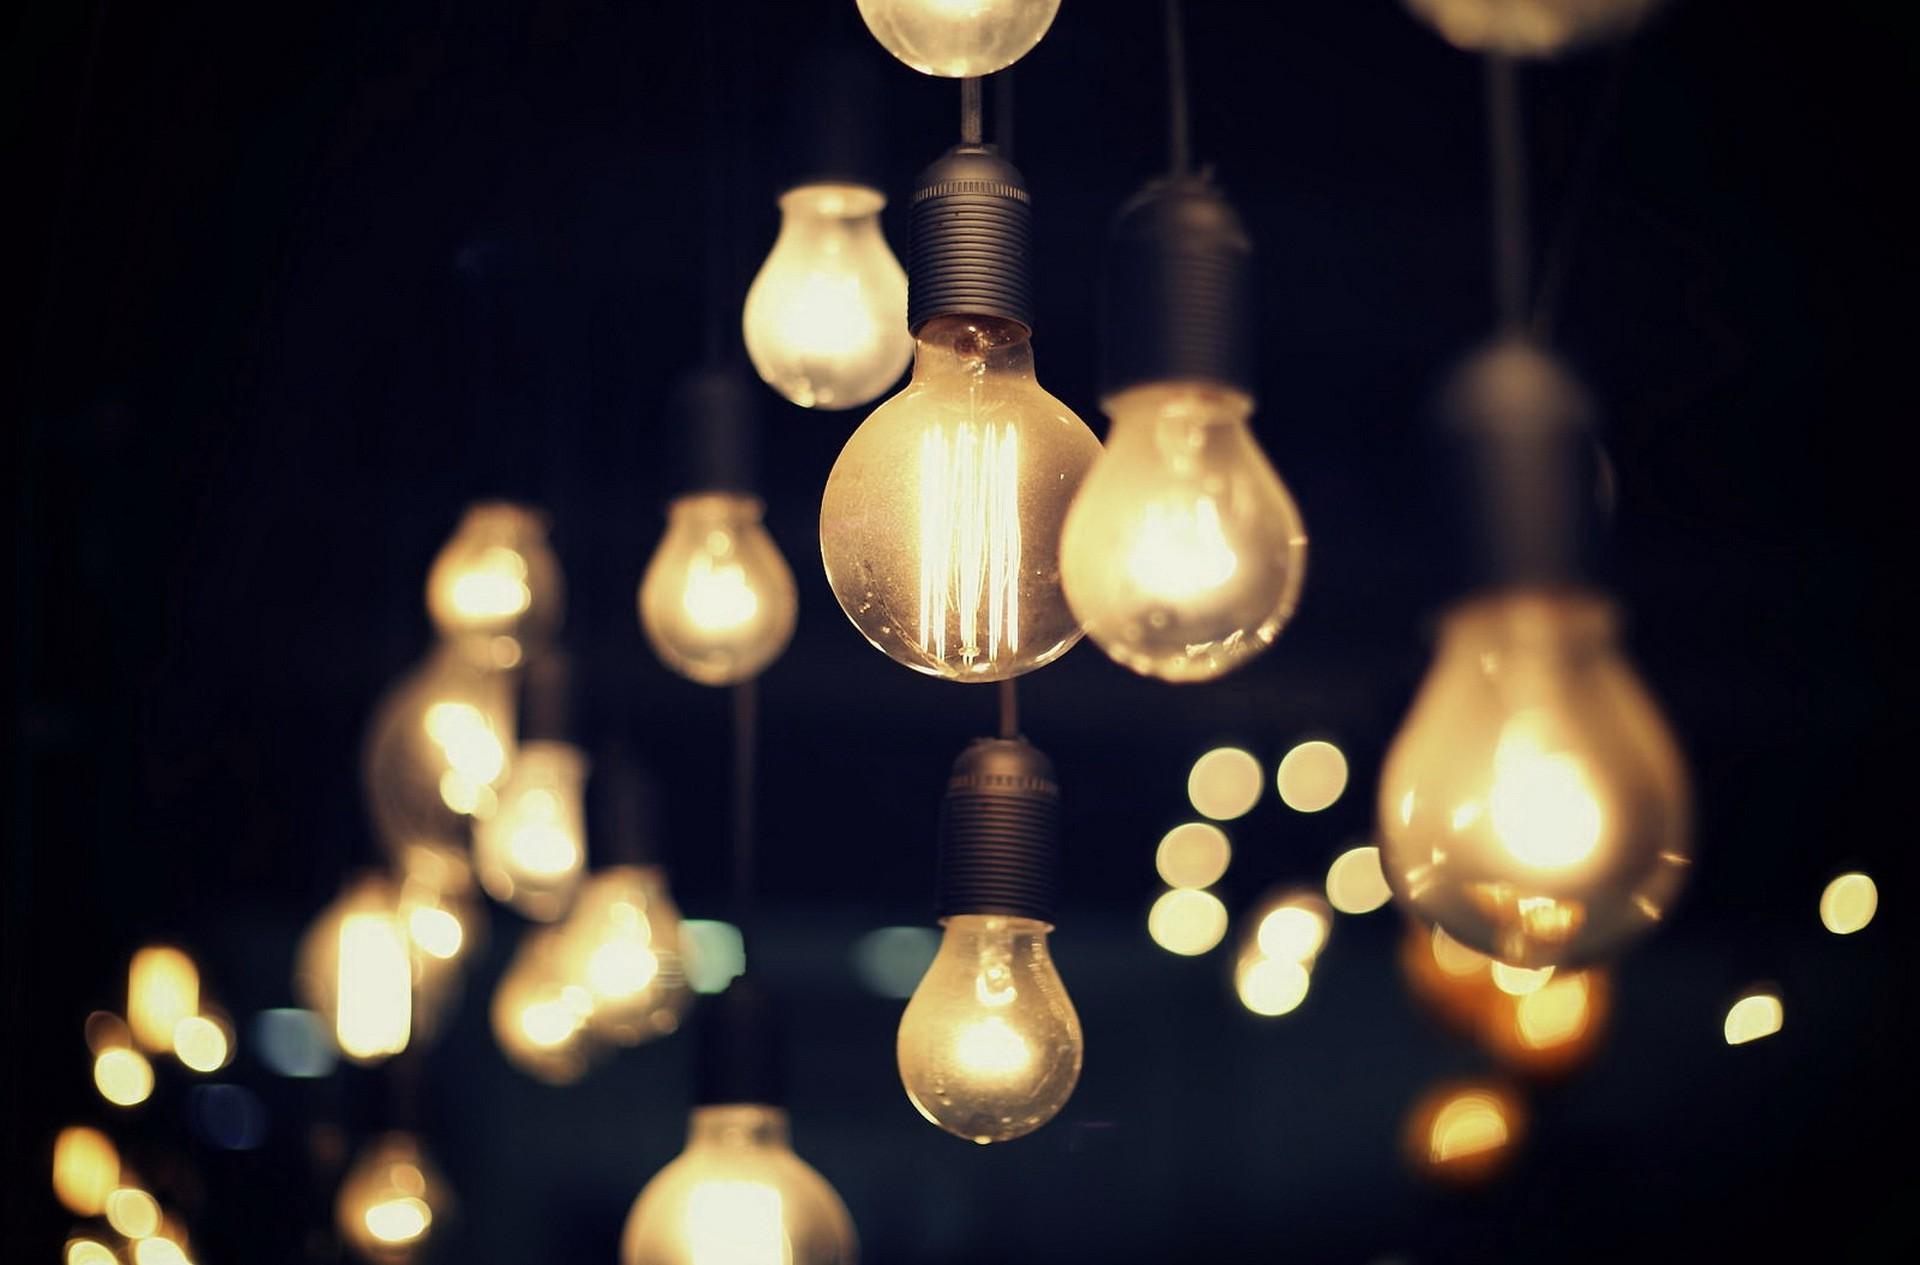 lightbulb53.jpg